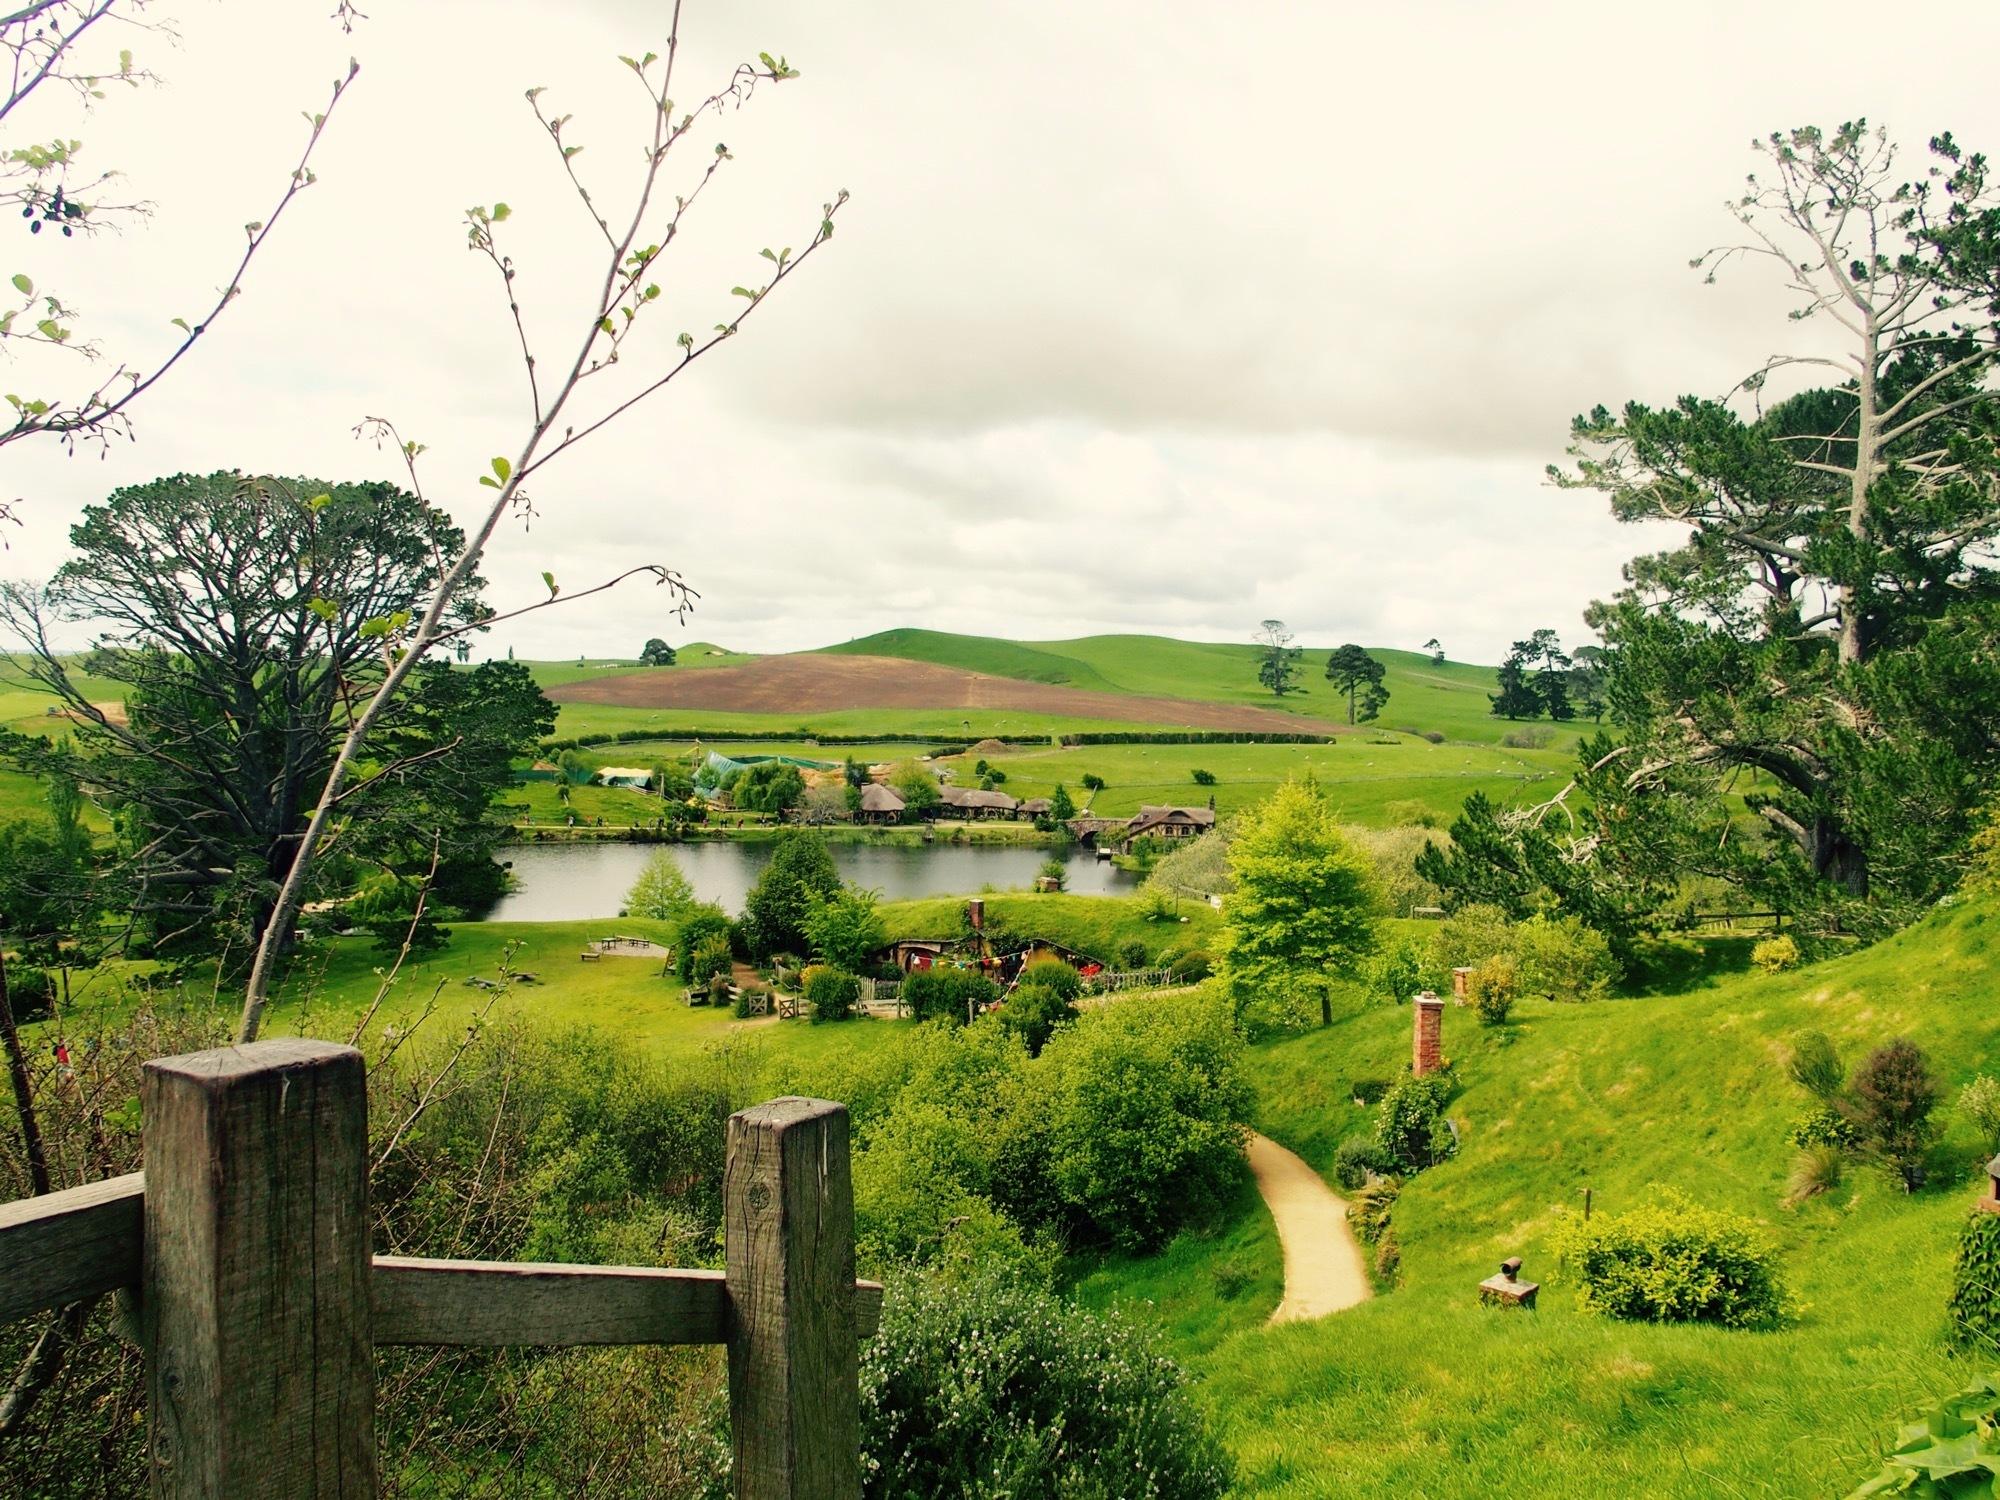 グリーンドラゴンの風景